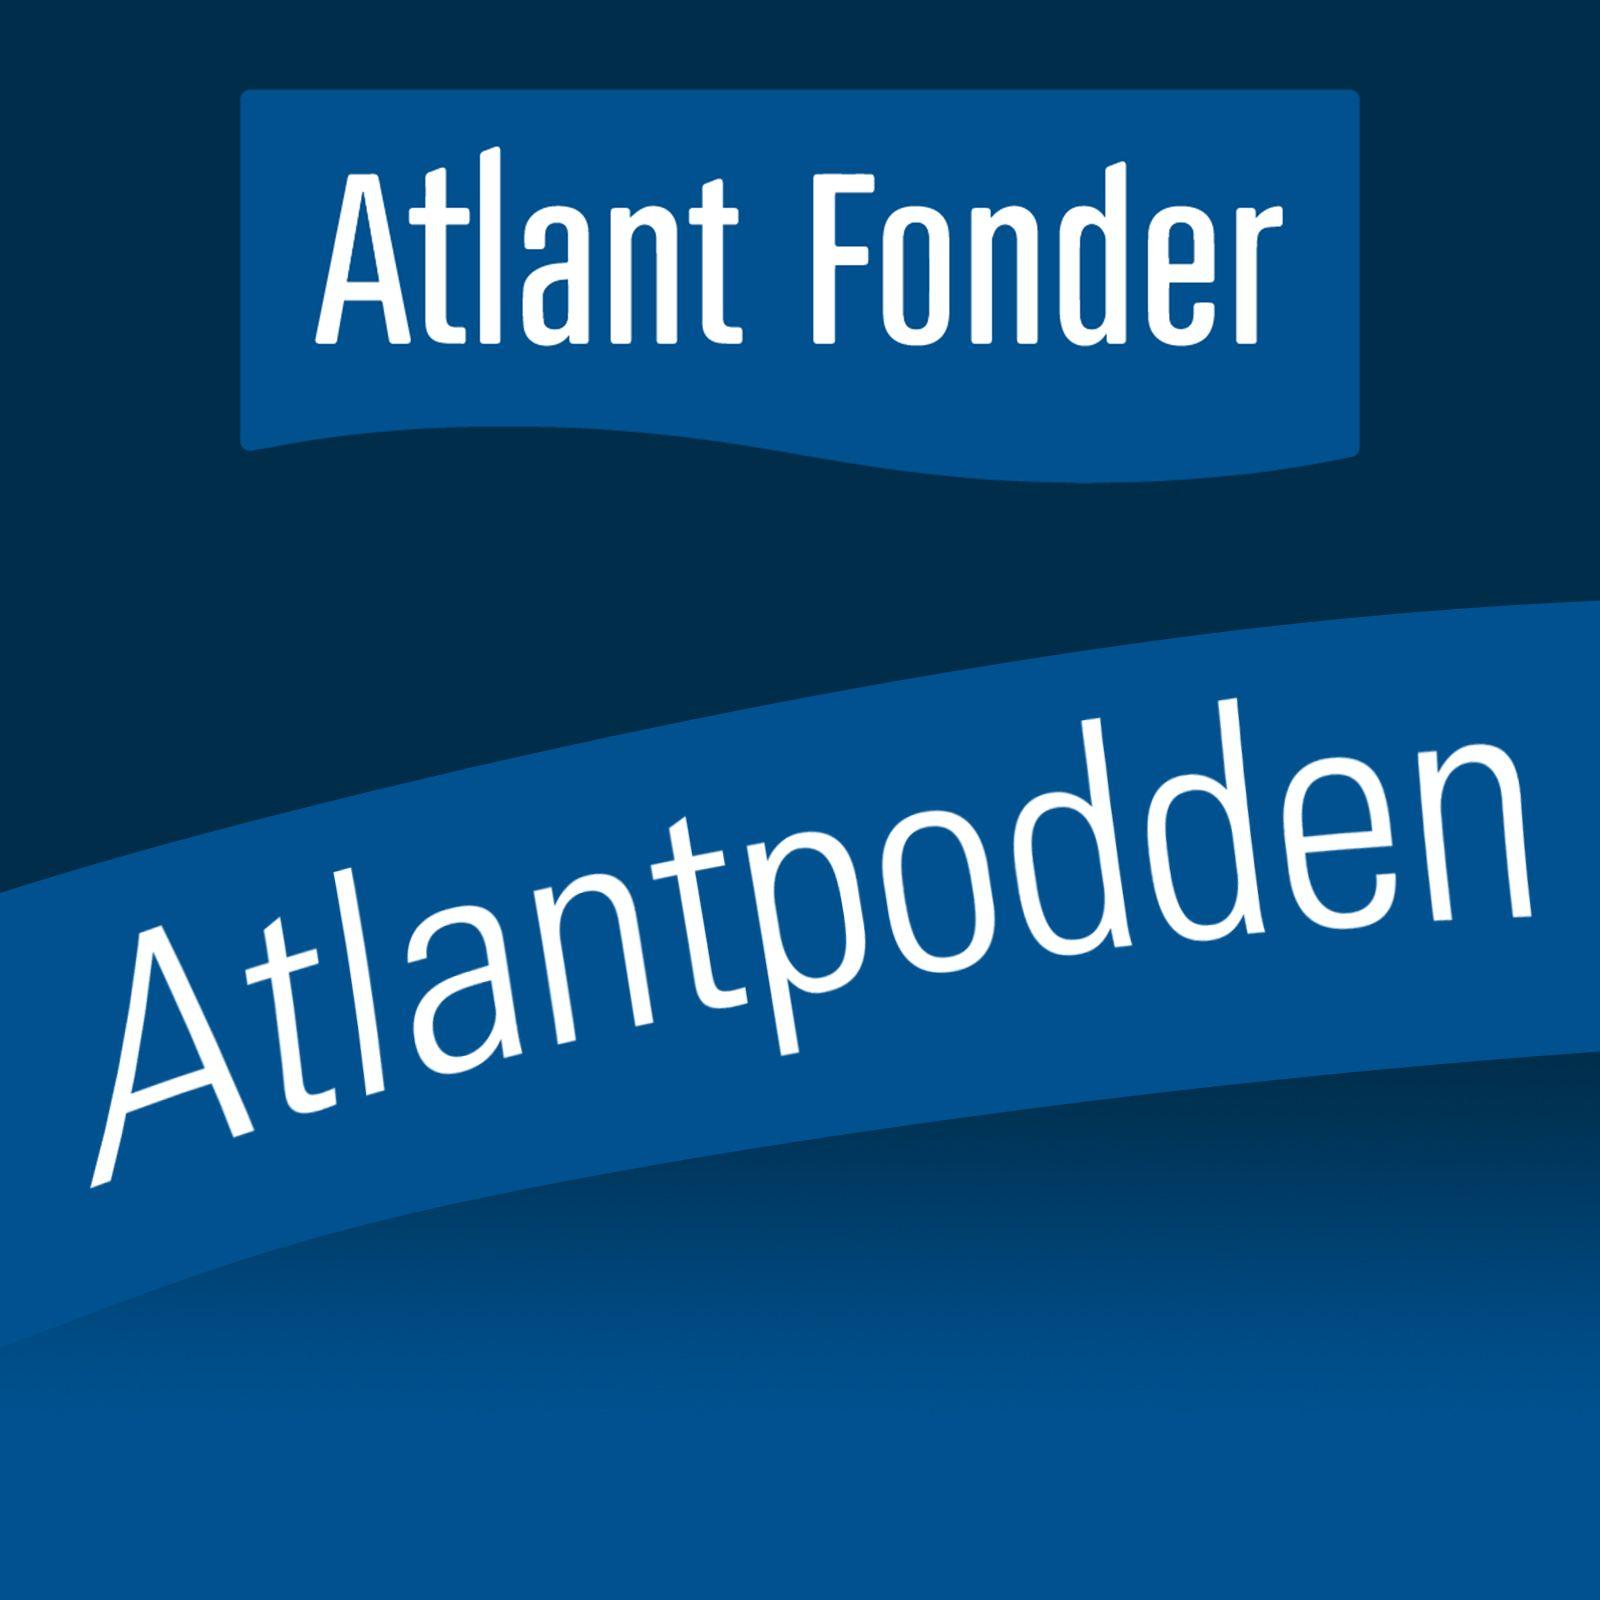 Atlantpodden avsnitt 10 - Nikos går igenom tre starka case